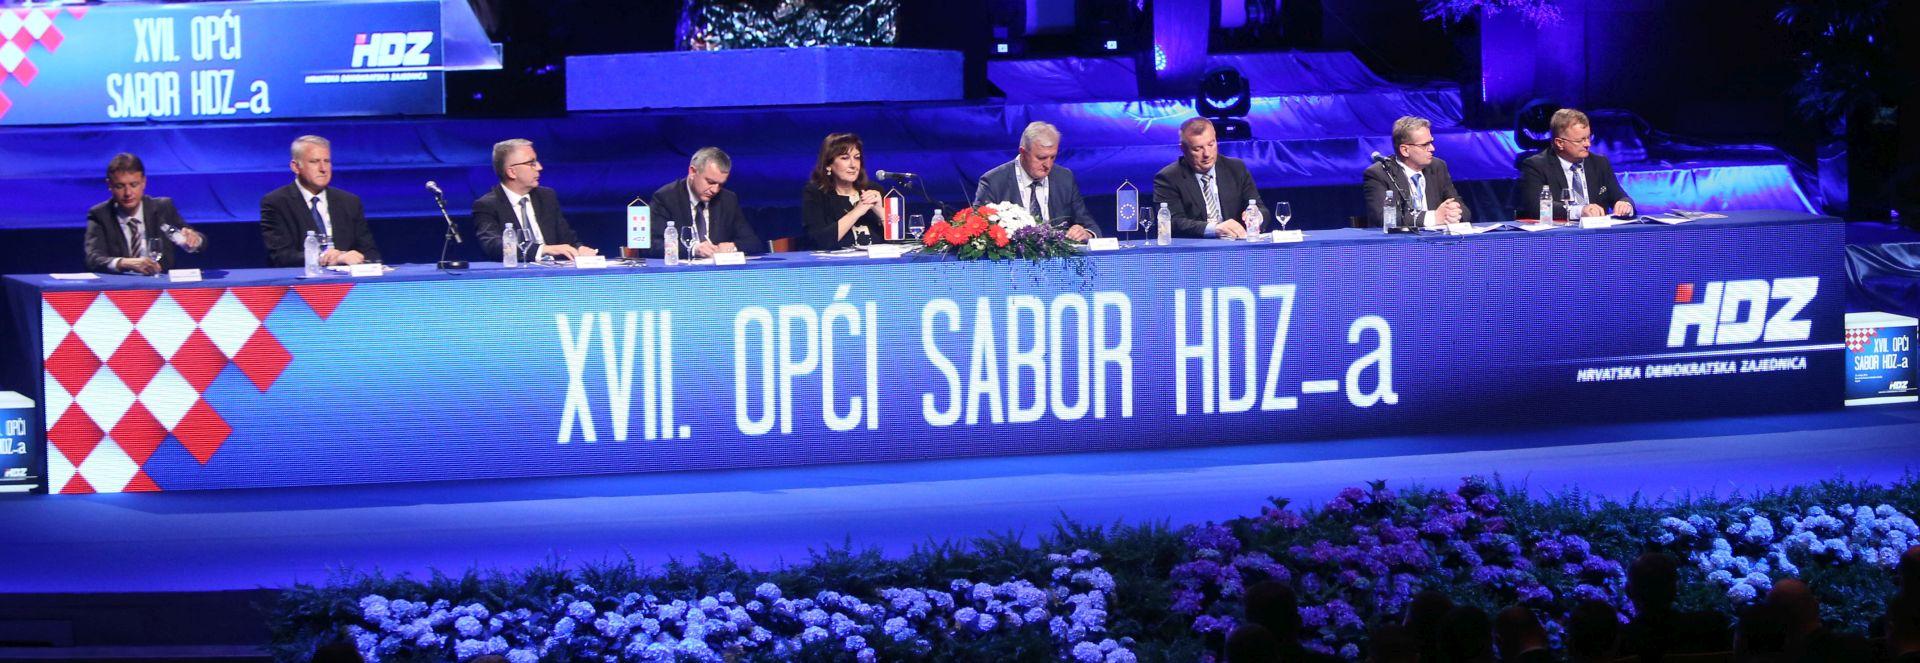 OPĆI SABOR HDZ-a: Prebrojani glasovi, HDZ dobio novo predsjedništvo